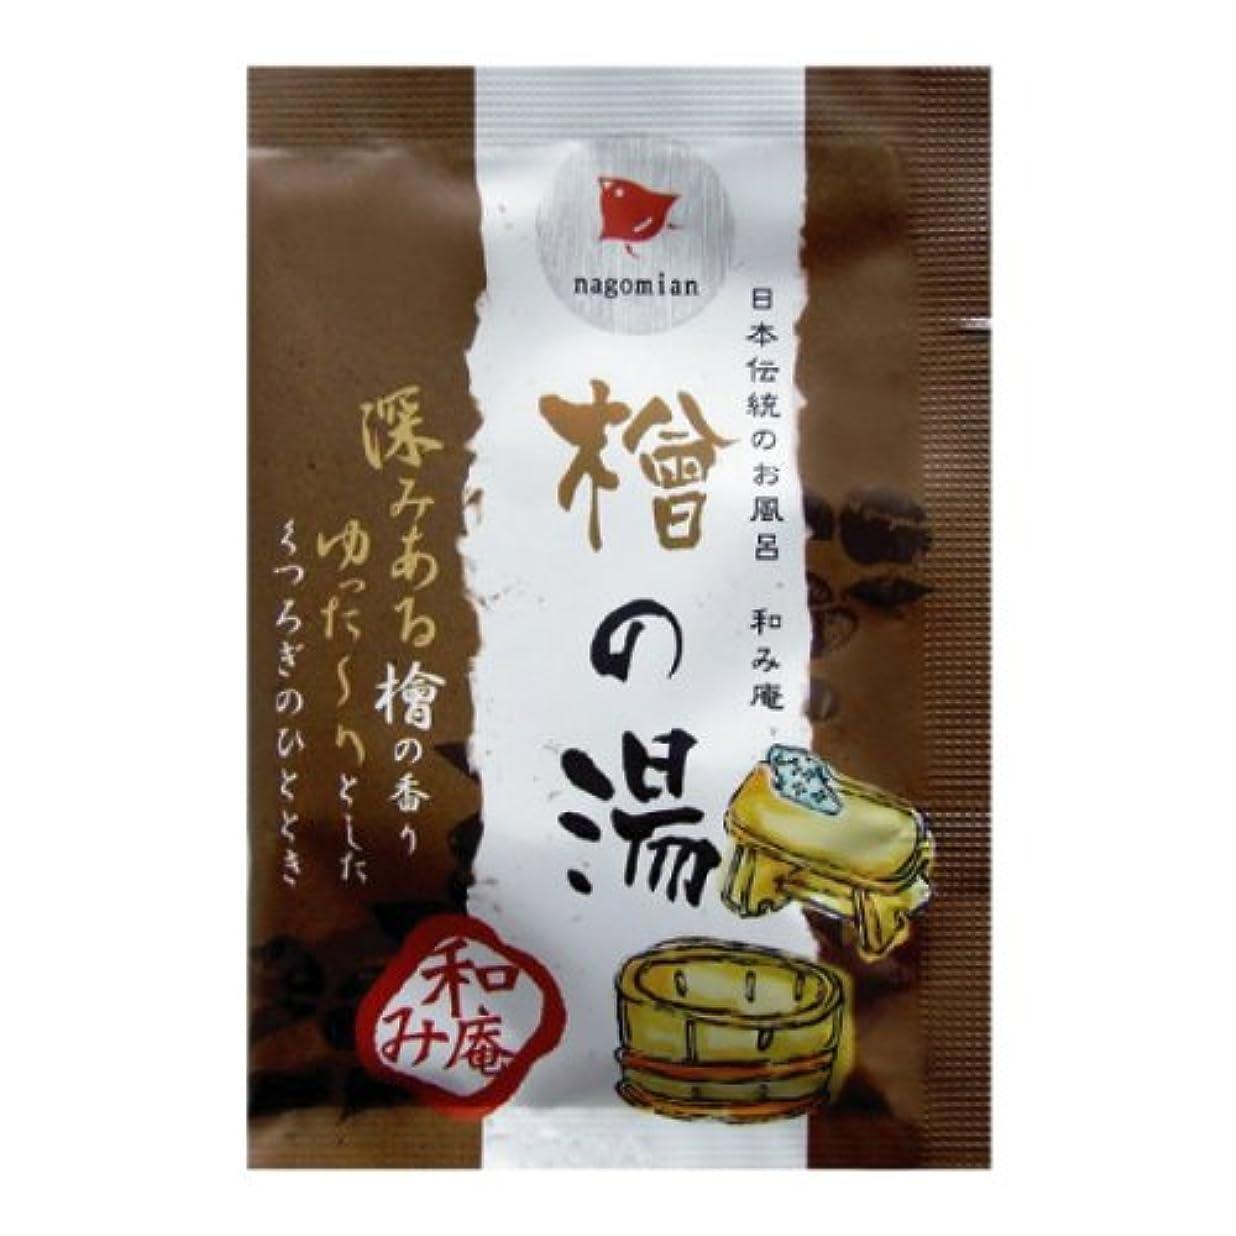 成長ヒゲマイルストーン日本伝統のお風呂 和み庵 檜の湯 200包